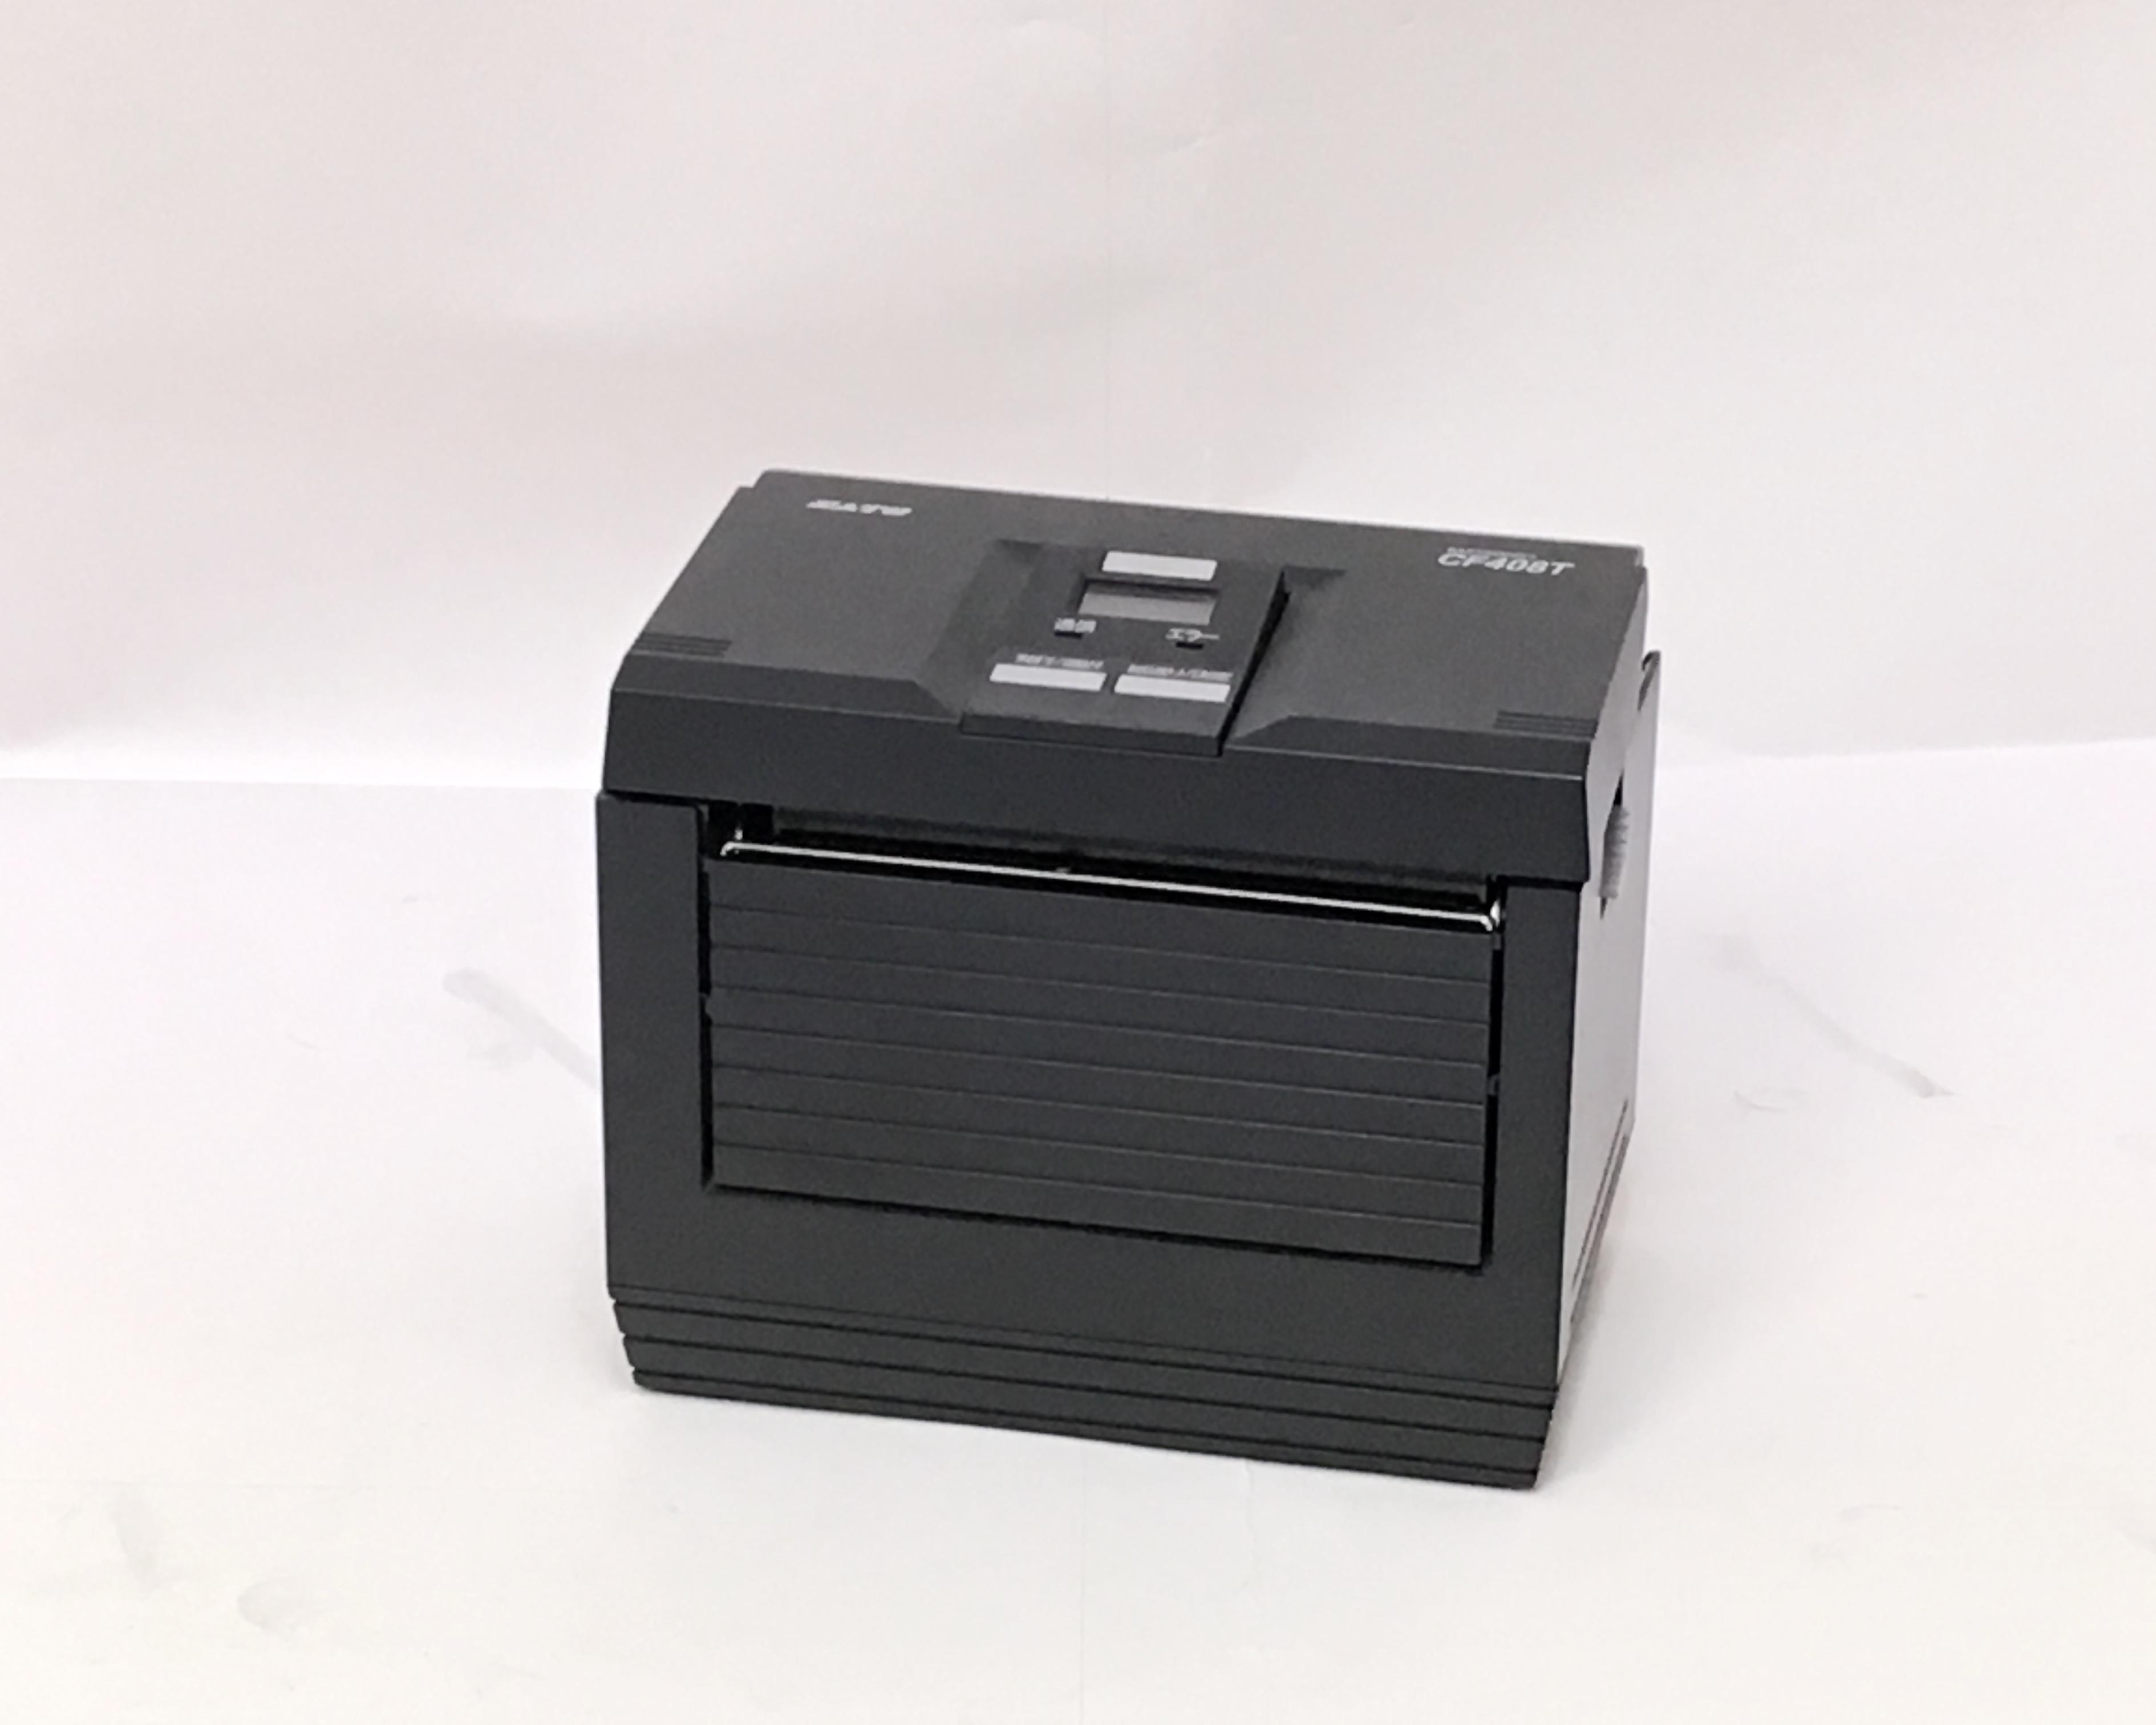 【お買得中古品】SATO CF408T メイン画像